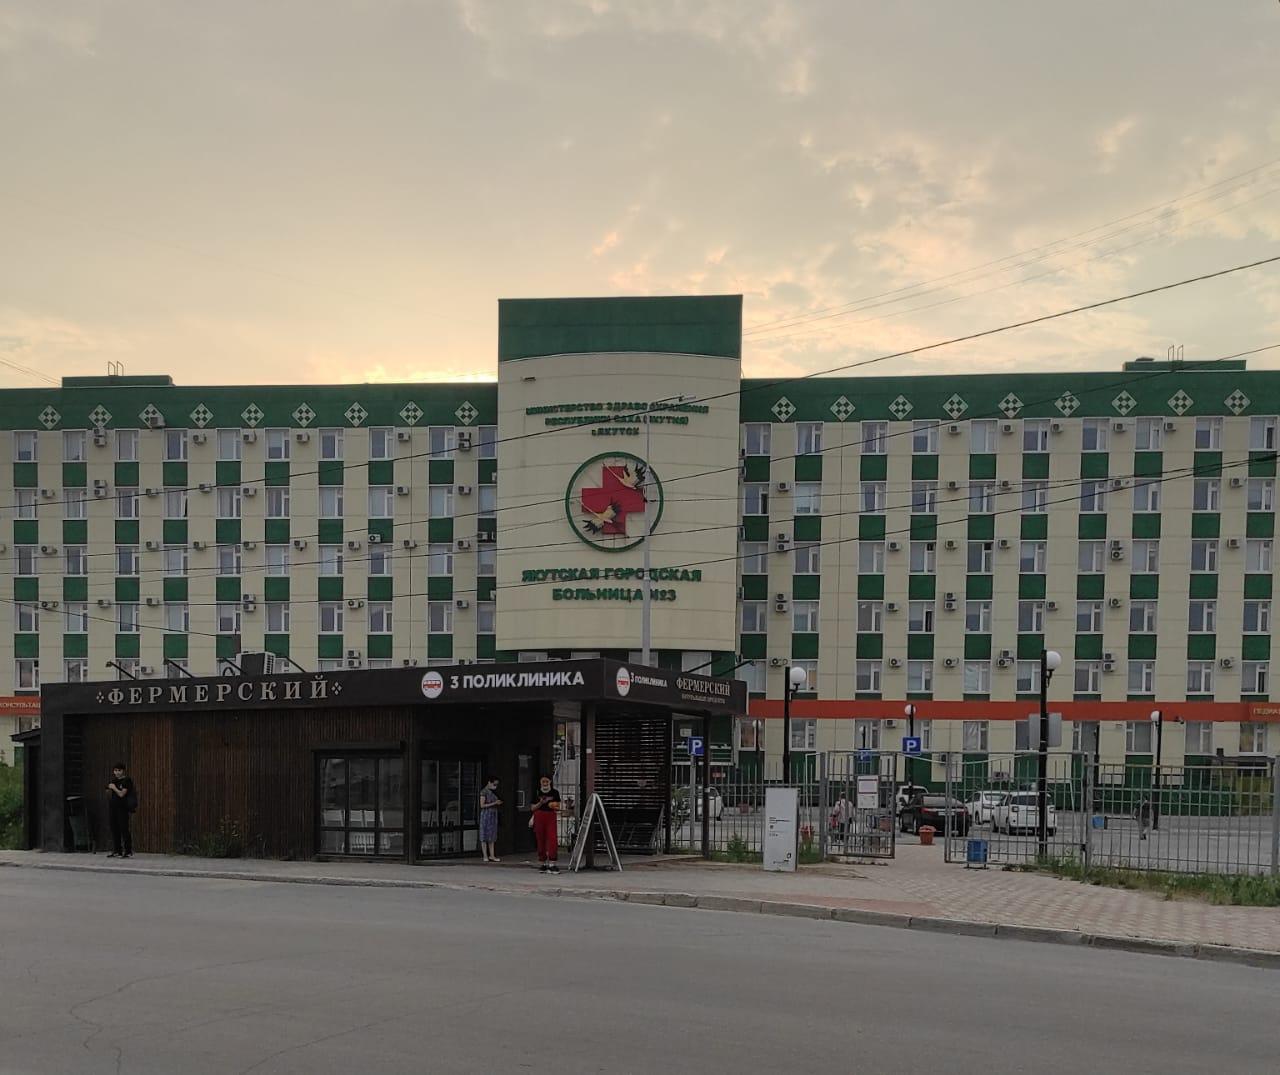 Желающие могут вакцинироваться препаратом «Спутник V» 24-25 июля в ЯГБ №3